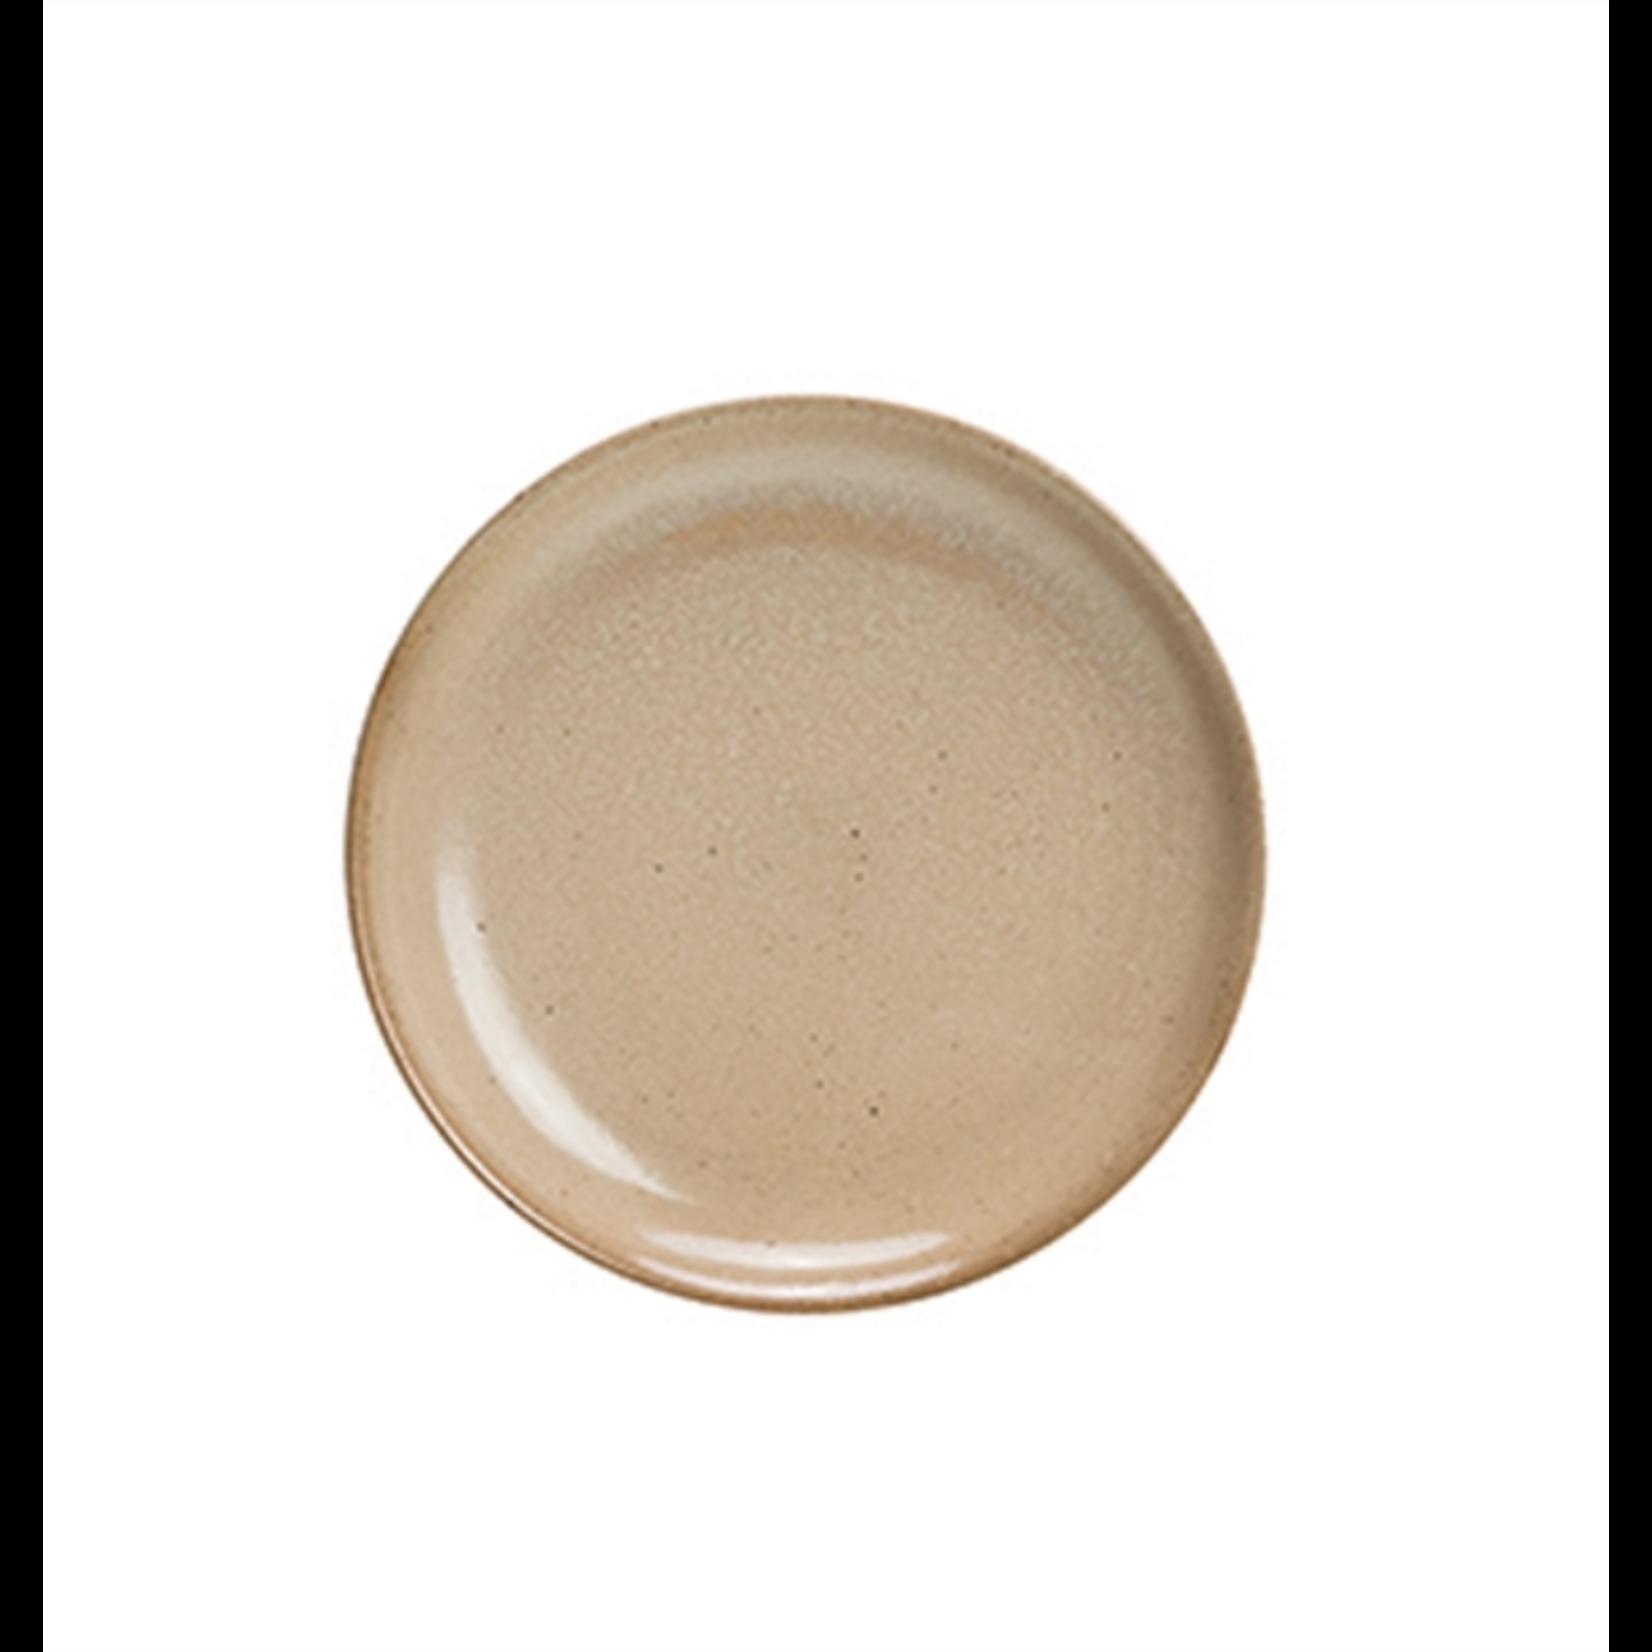 Opal Stoneware Plate